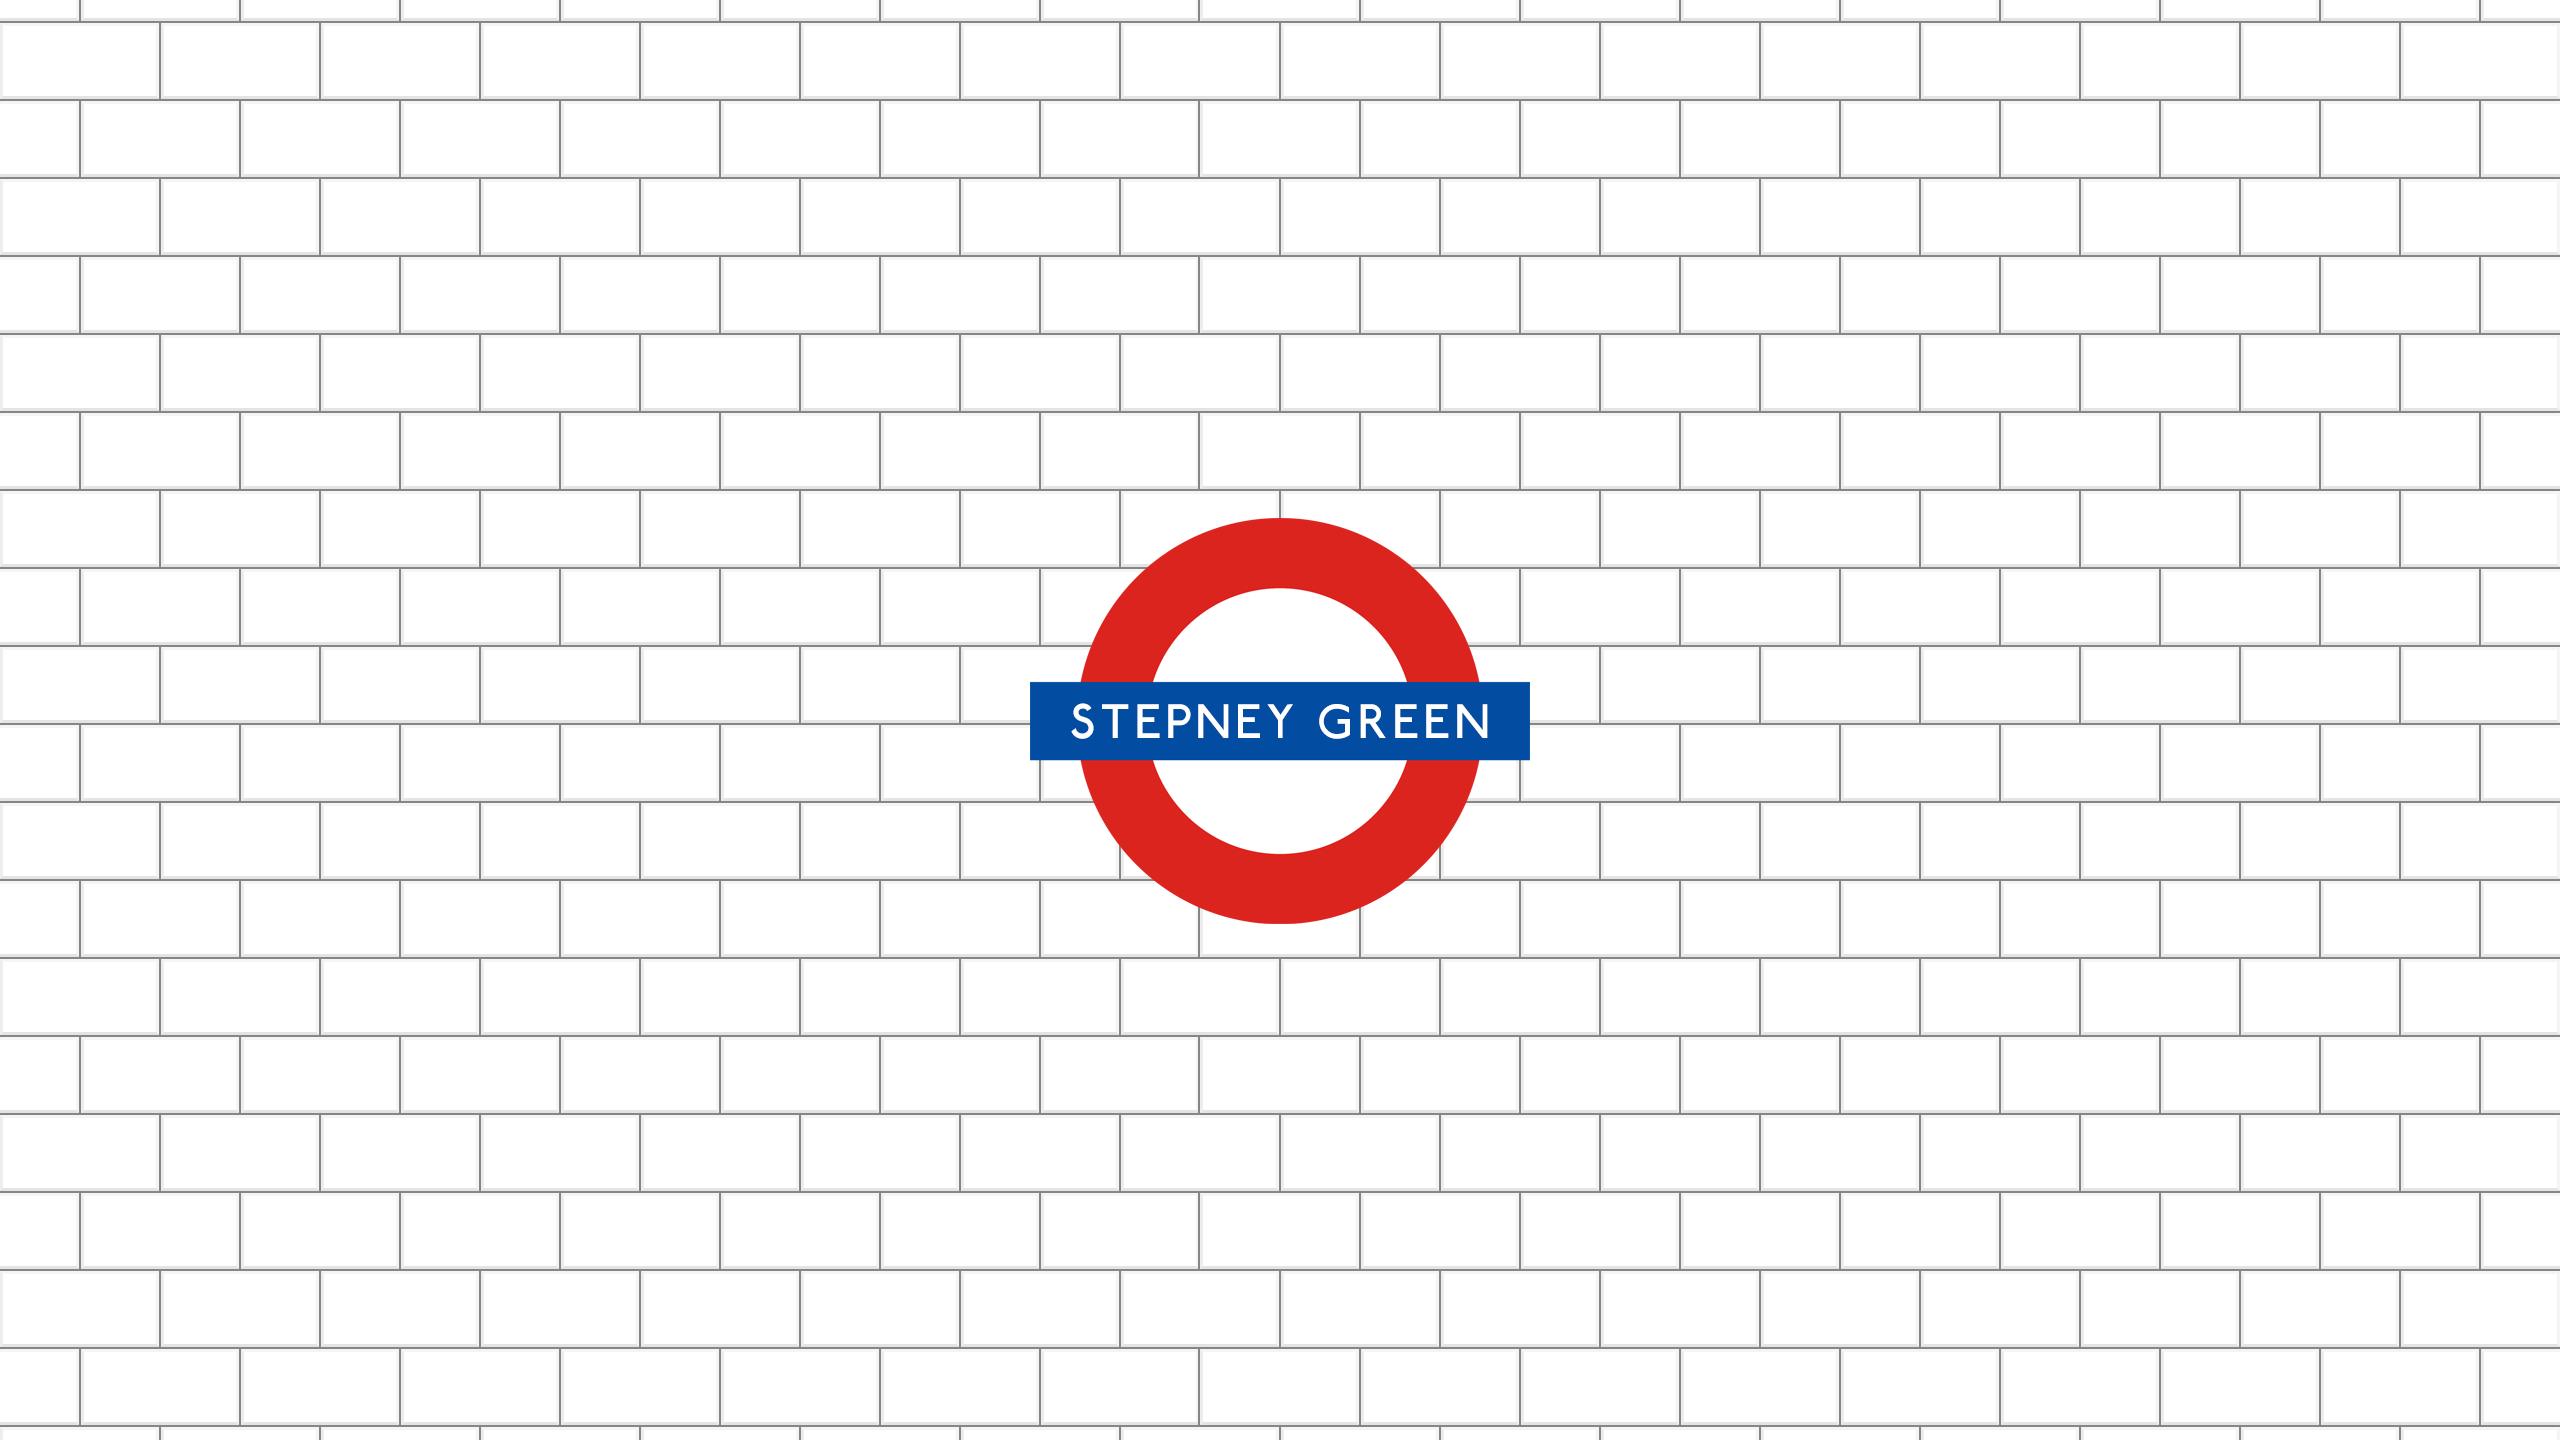 Stepney Green